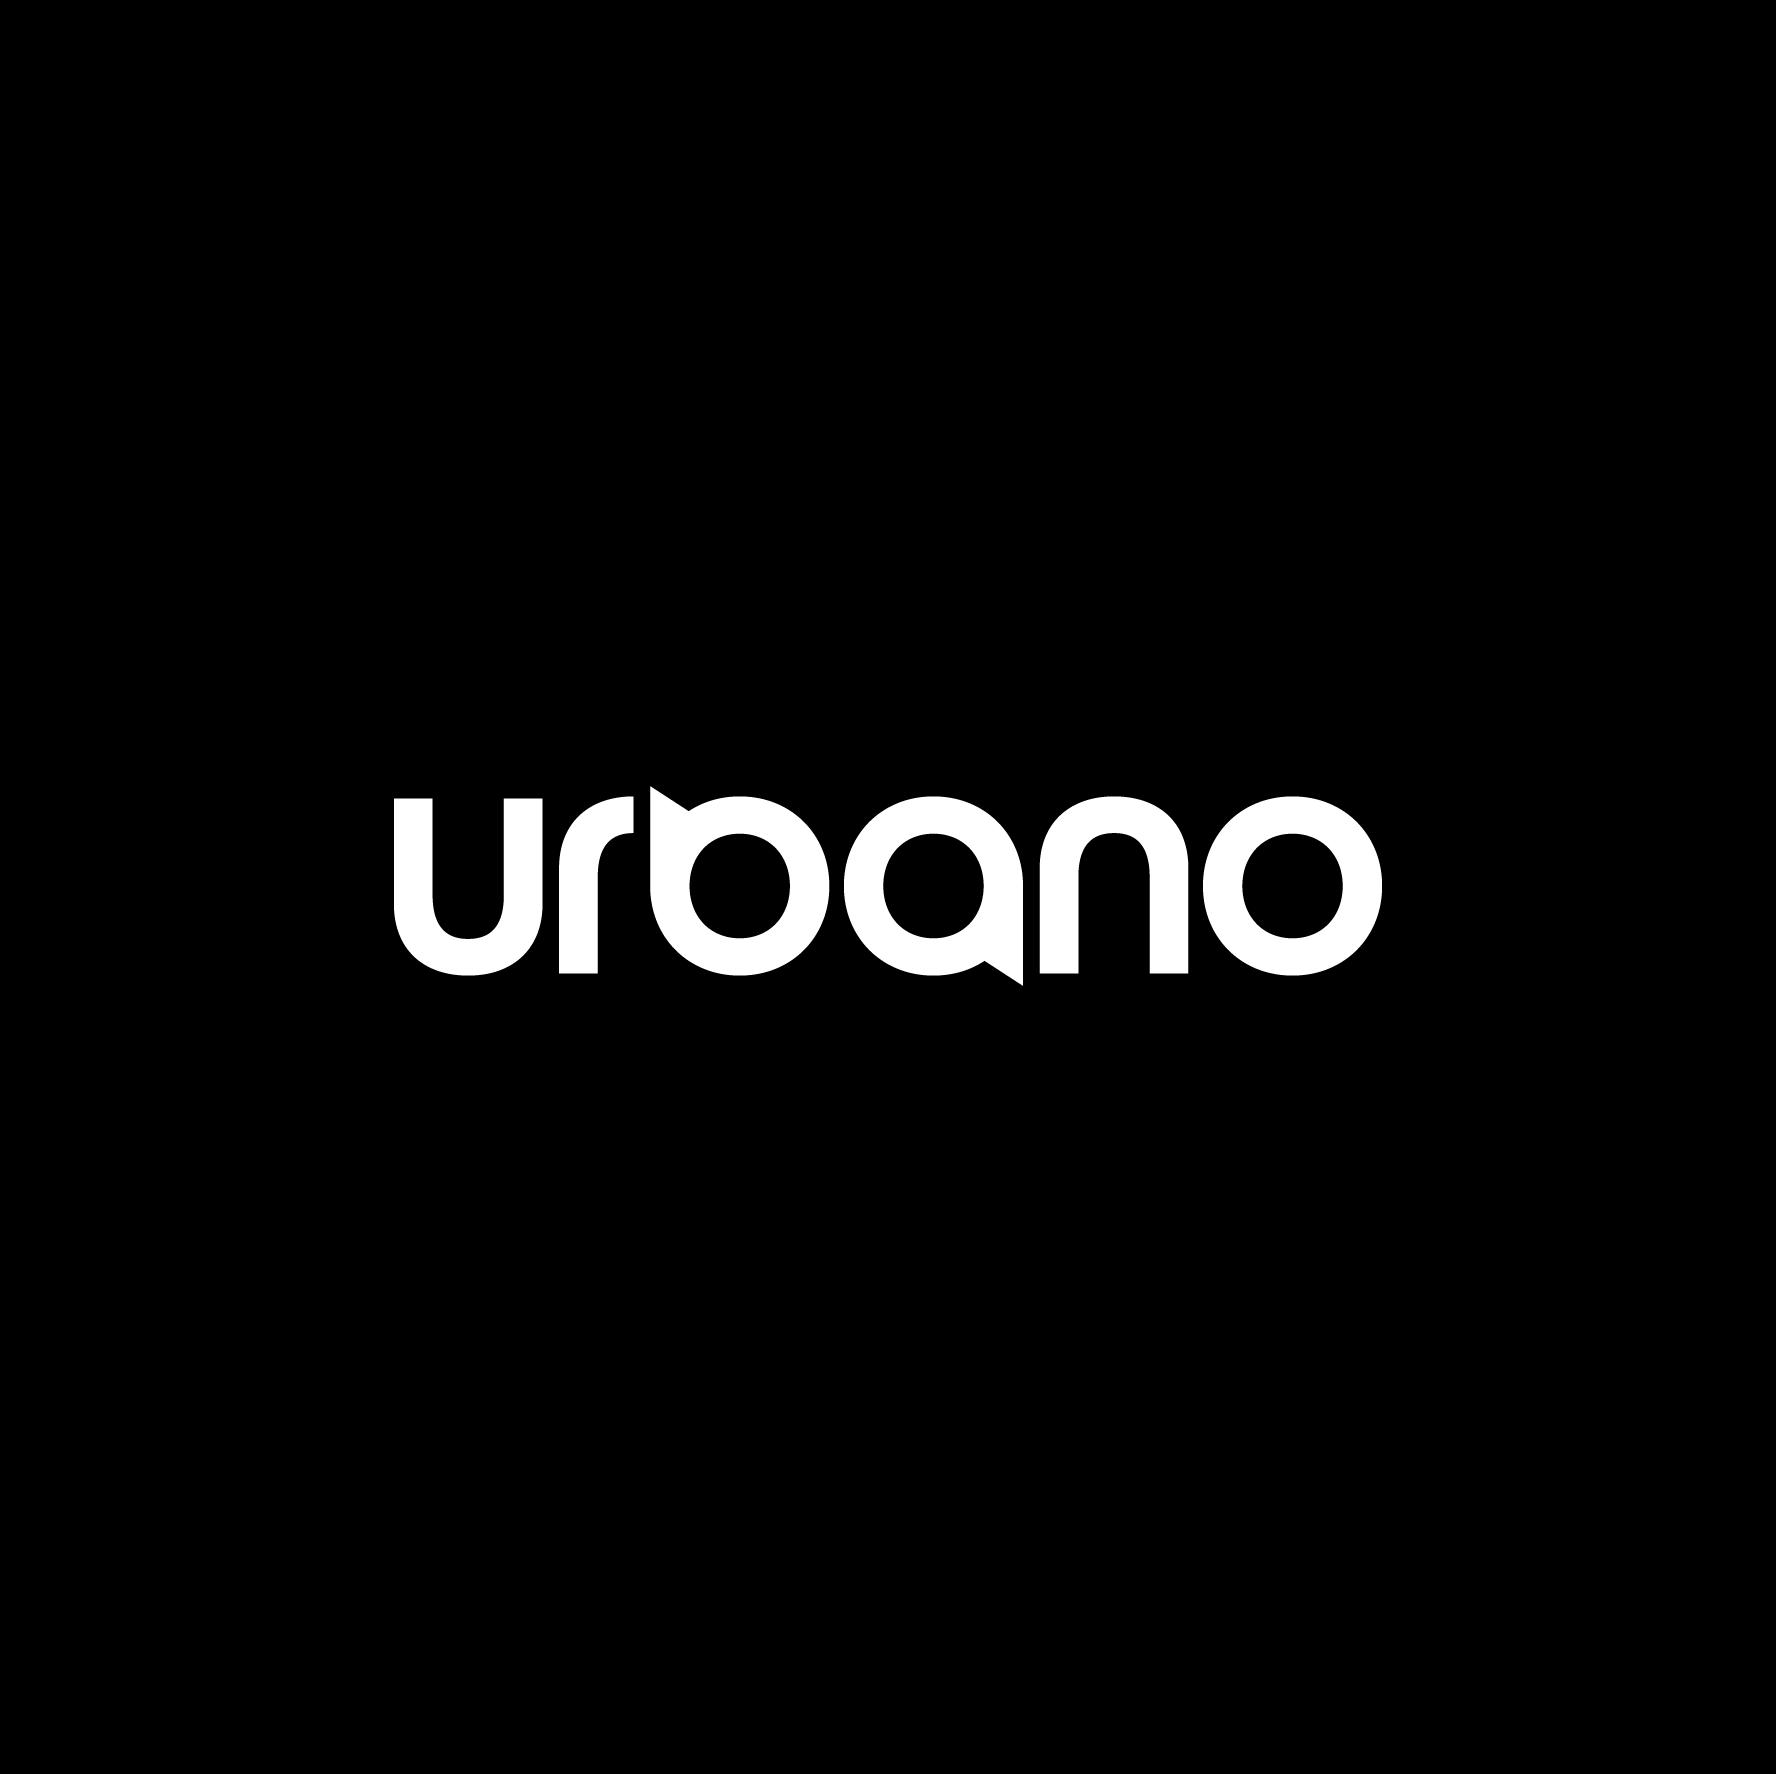 logo for Urbano